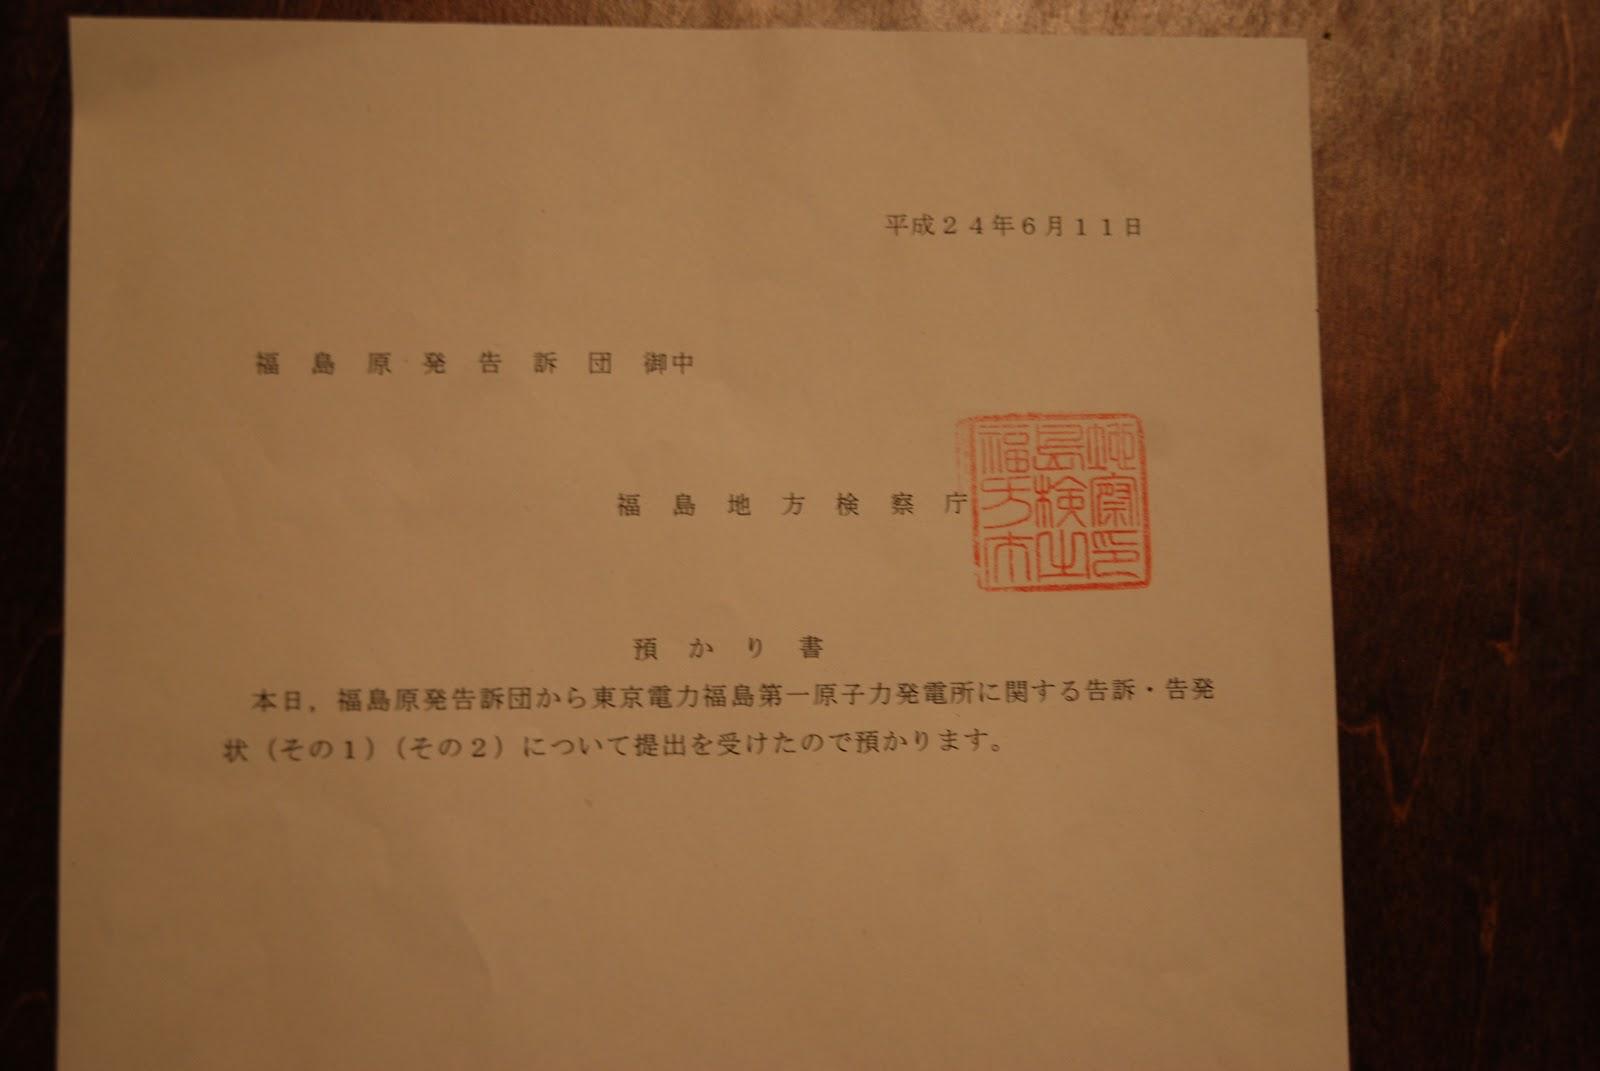 20120606iwataniikenkoukokuyomiuri.jpg